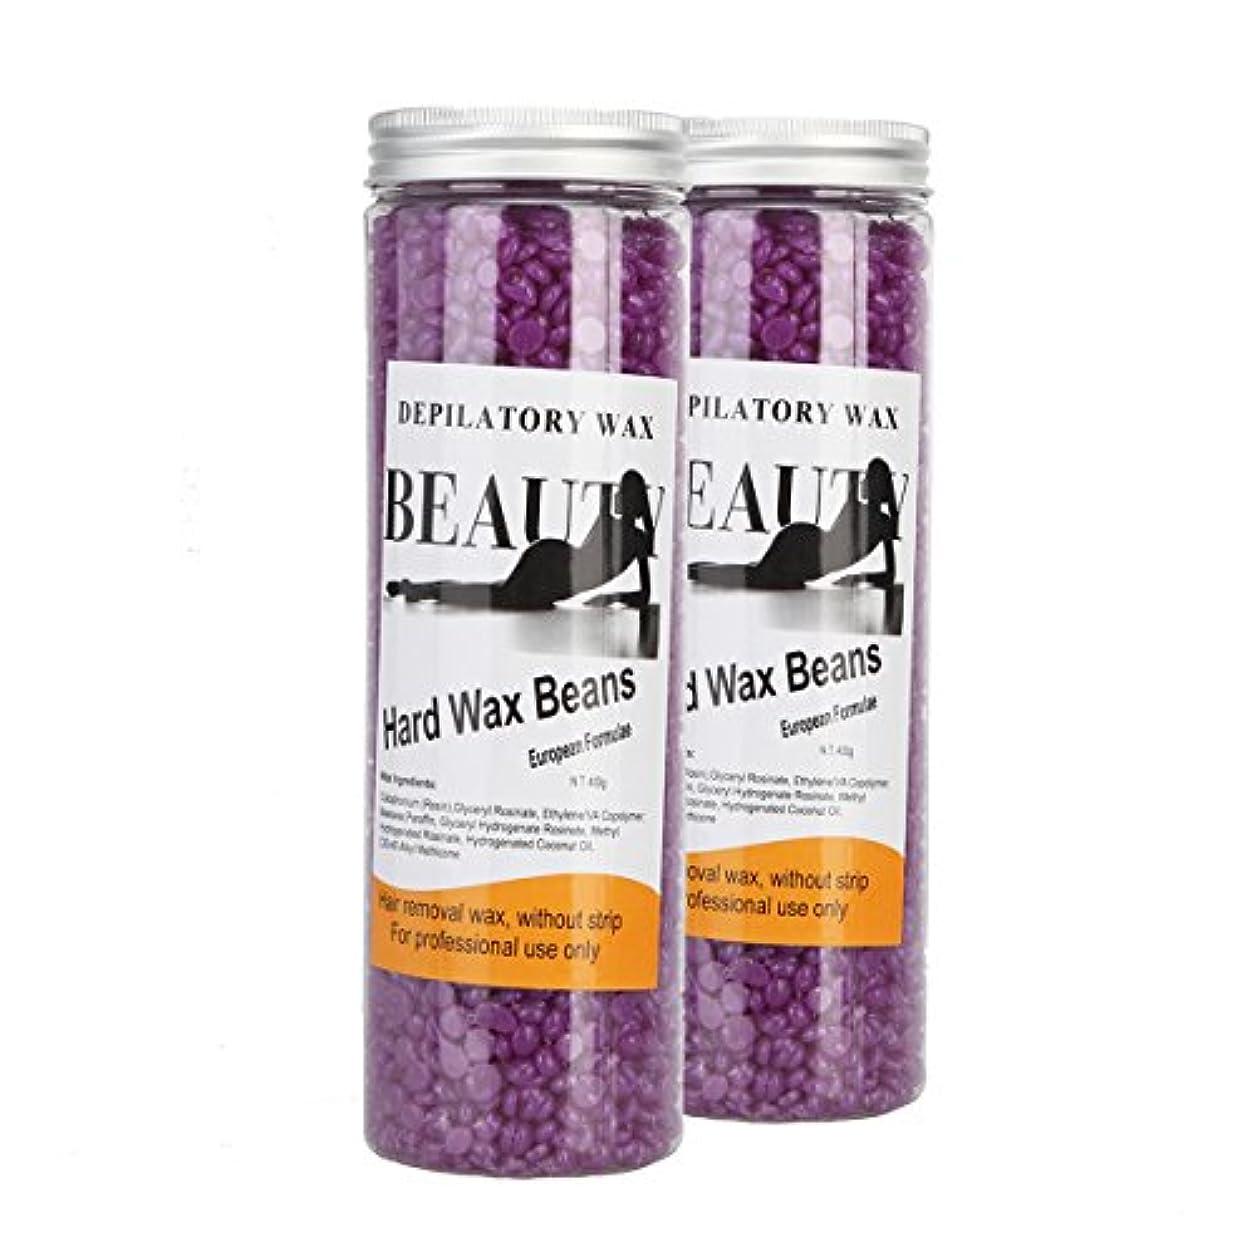 地元嫌いオーチャード(アーニェメイ)Bonjanvye ワックス脱毛 キット 400g 2缶 脱毛ワックス ハード ブラジリアンワックス ハード 粒-バイオレット